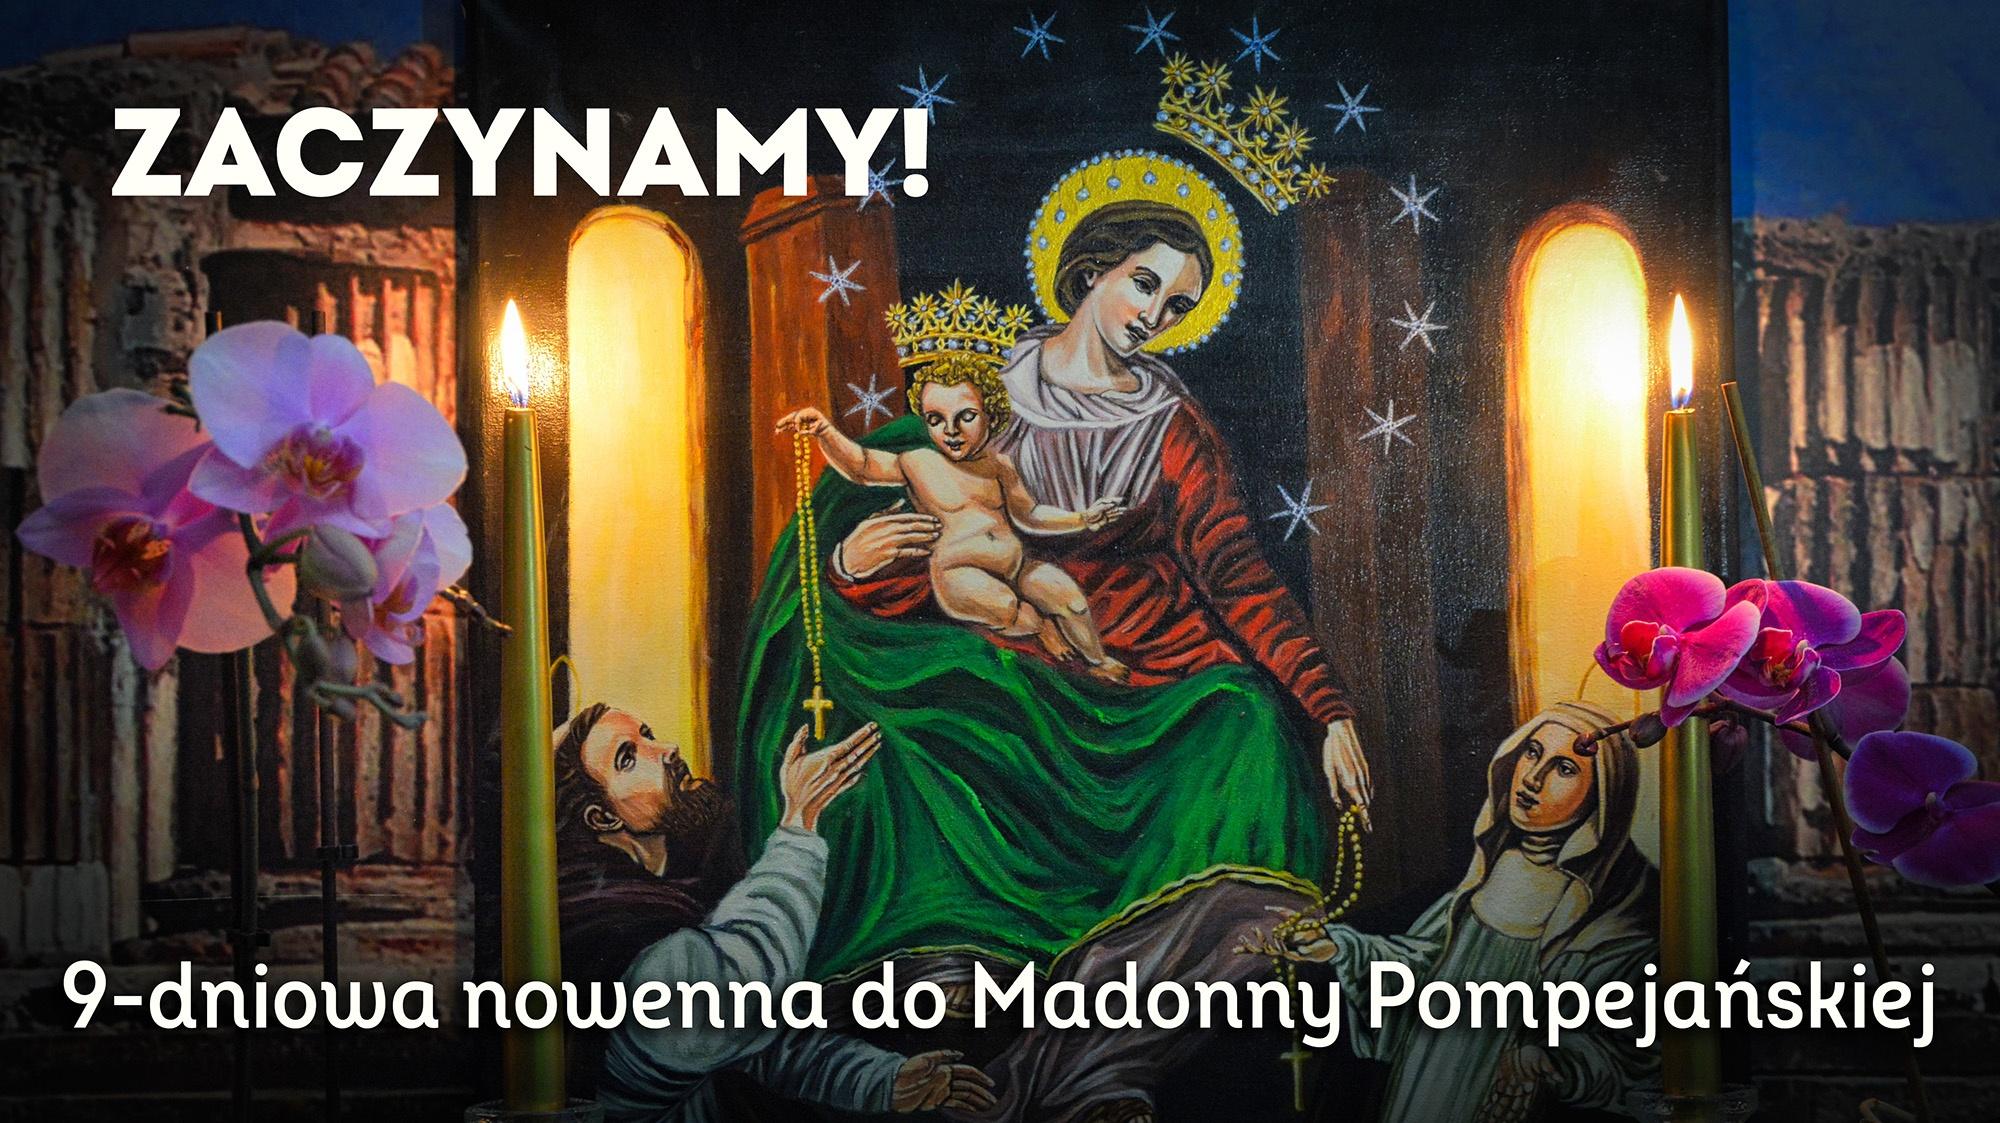 Zaczynamy 9-dniową Nowennę do Matki Bożej Pompejańskiej!